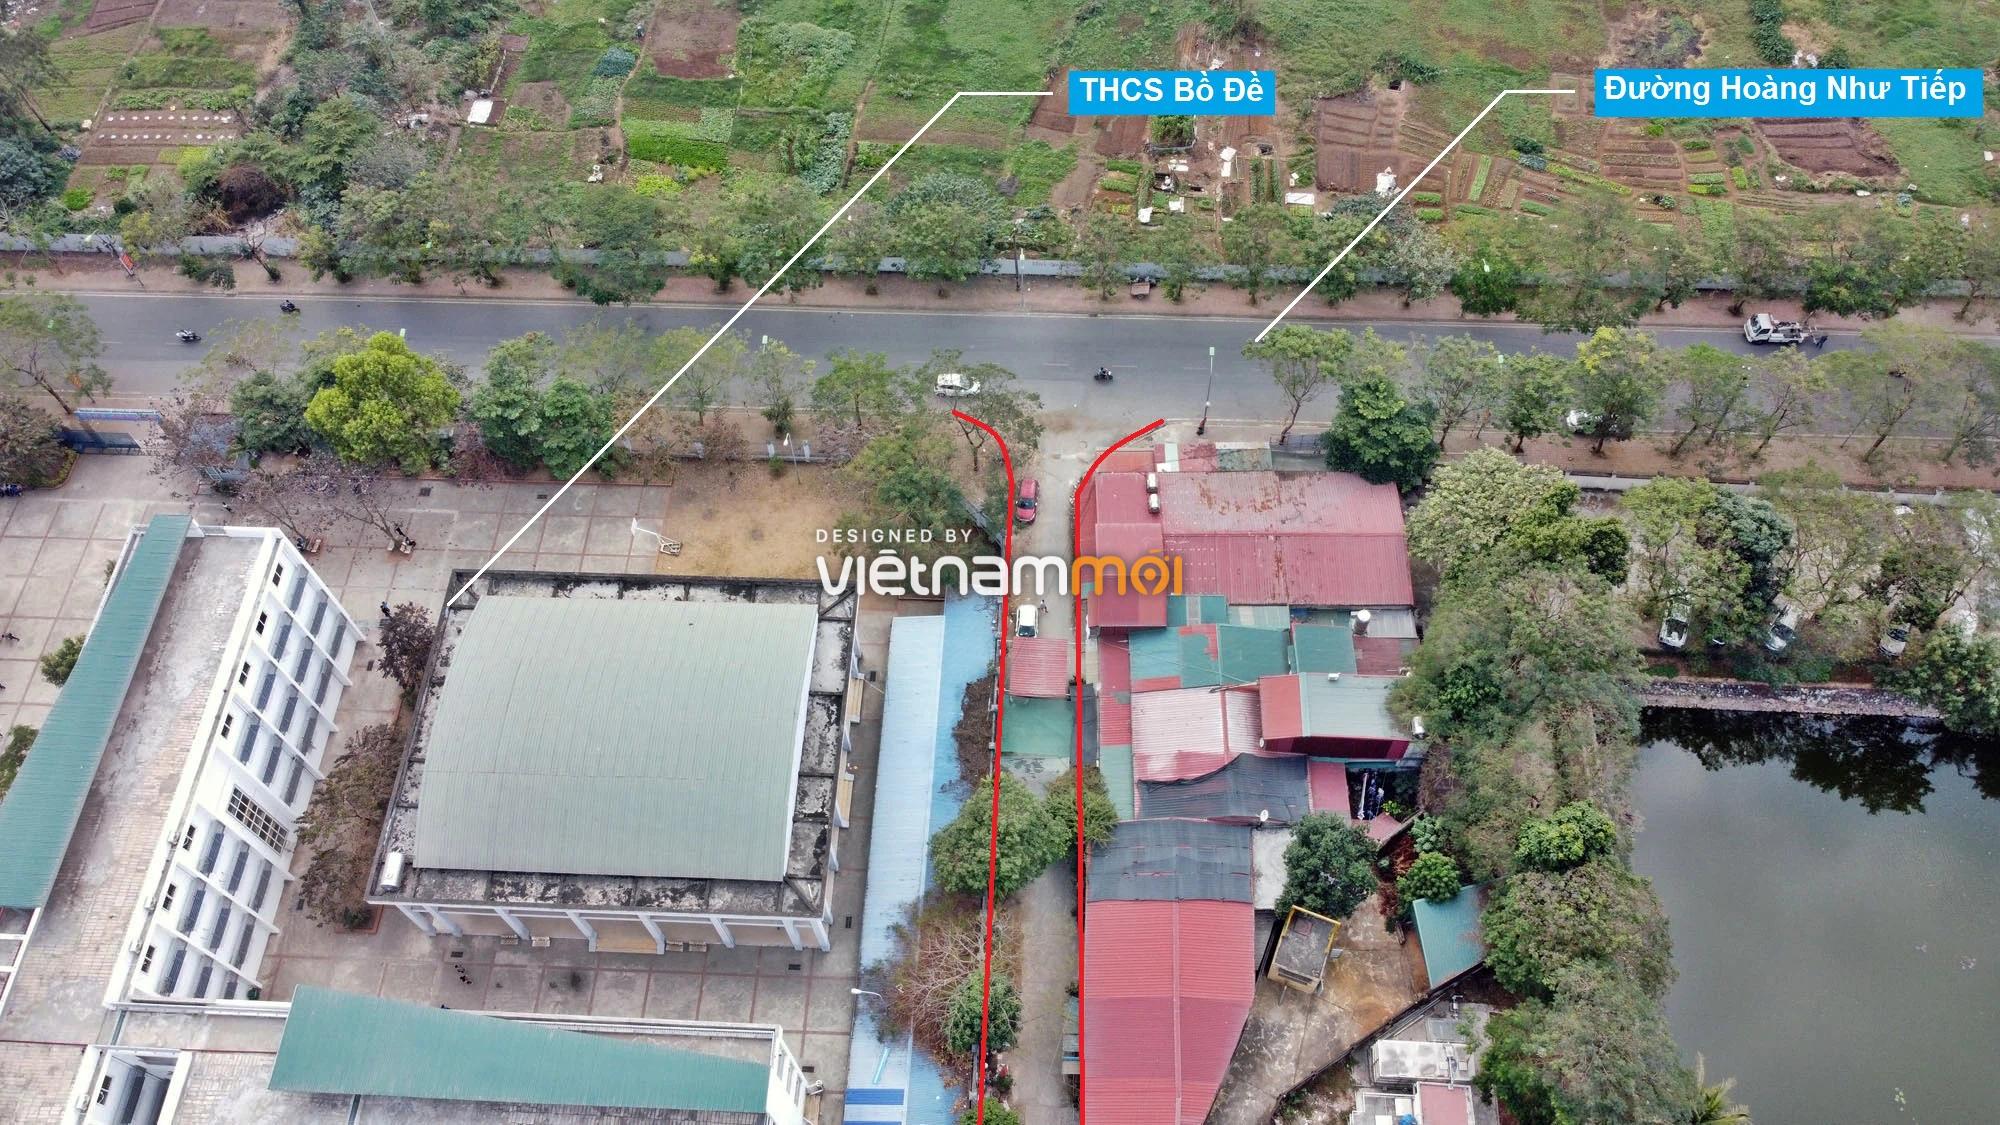 Ba đường sẽ mở theo qui hoạch ở phường Bồ Đề, Long Biên, Hà Nội (phần 3) - Ảnh 4.